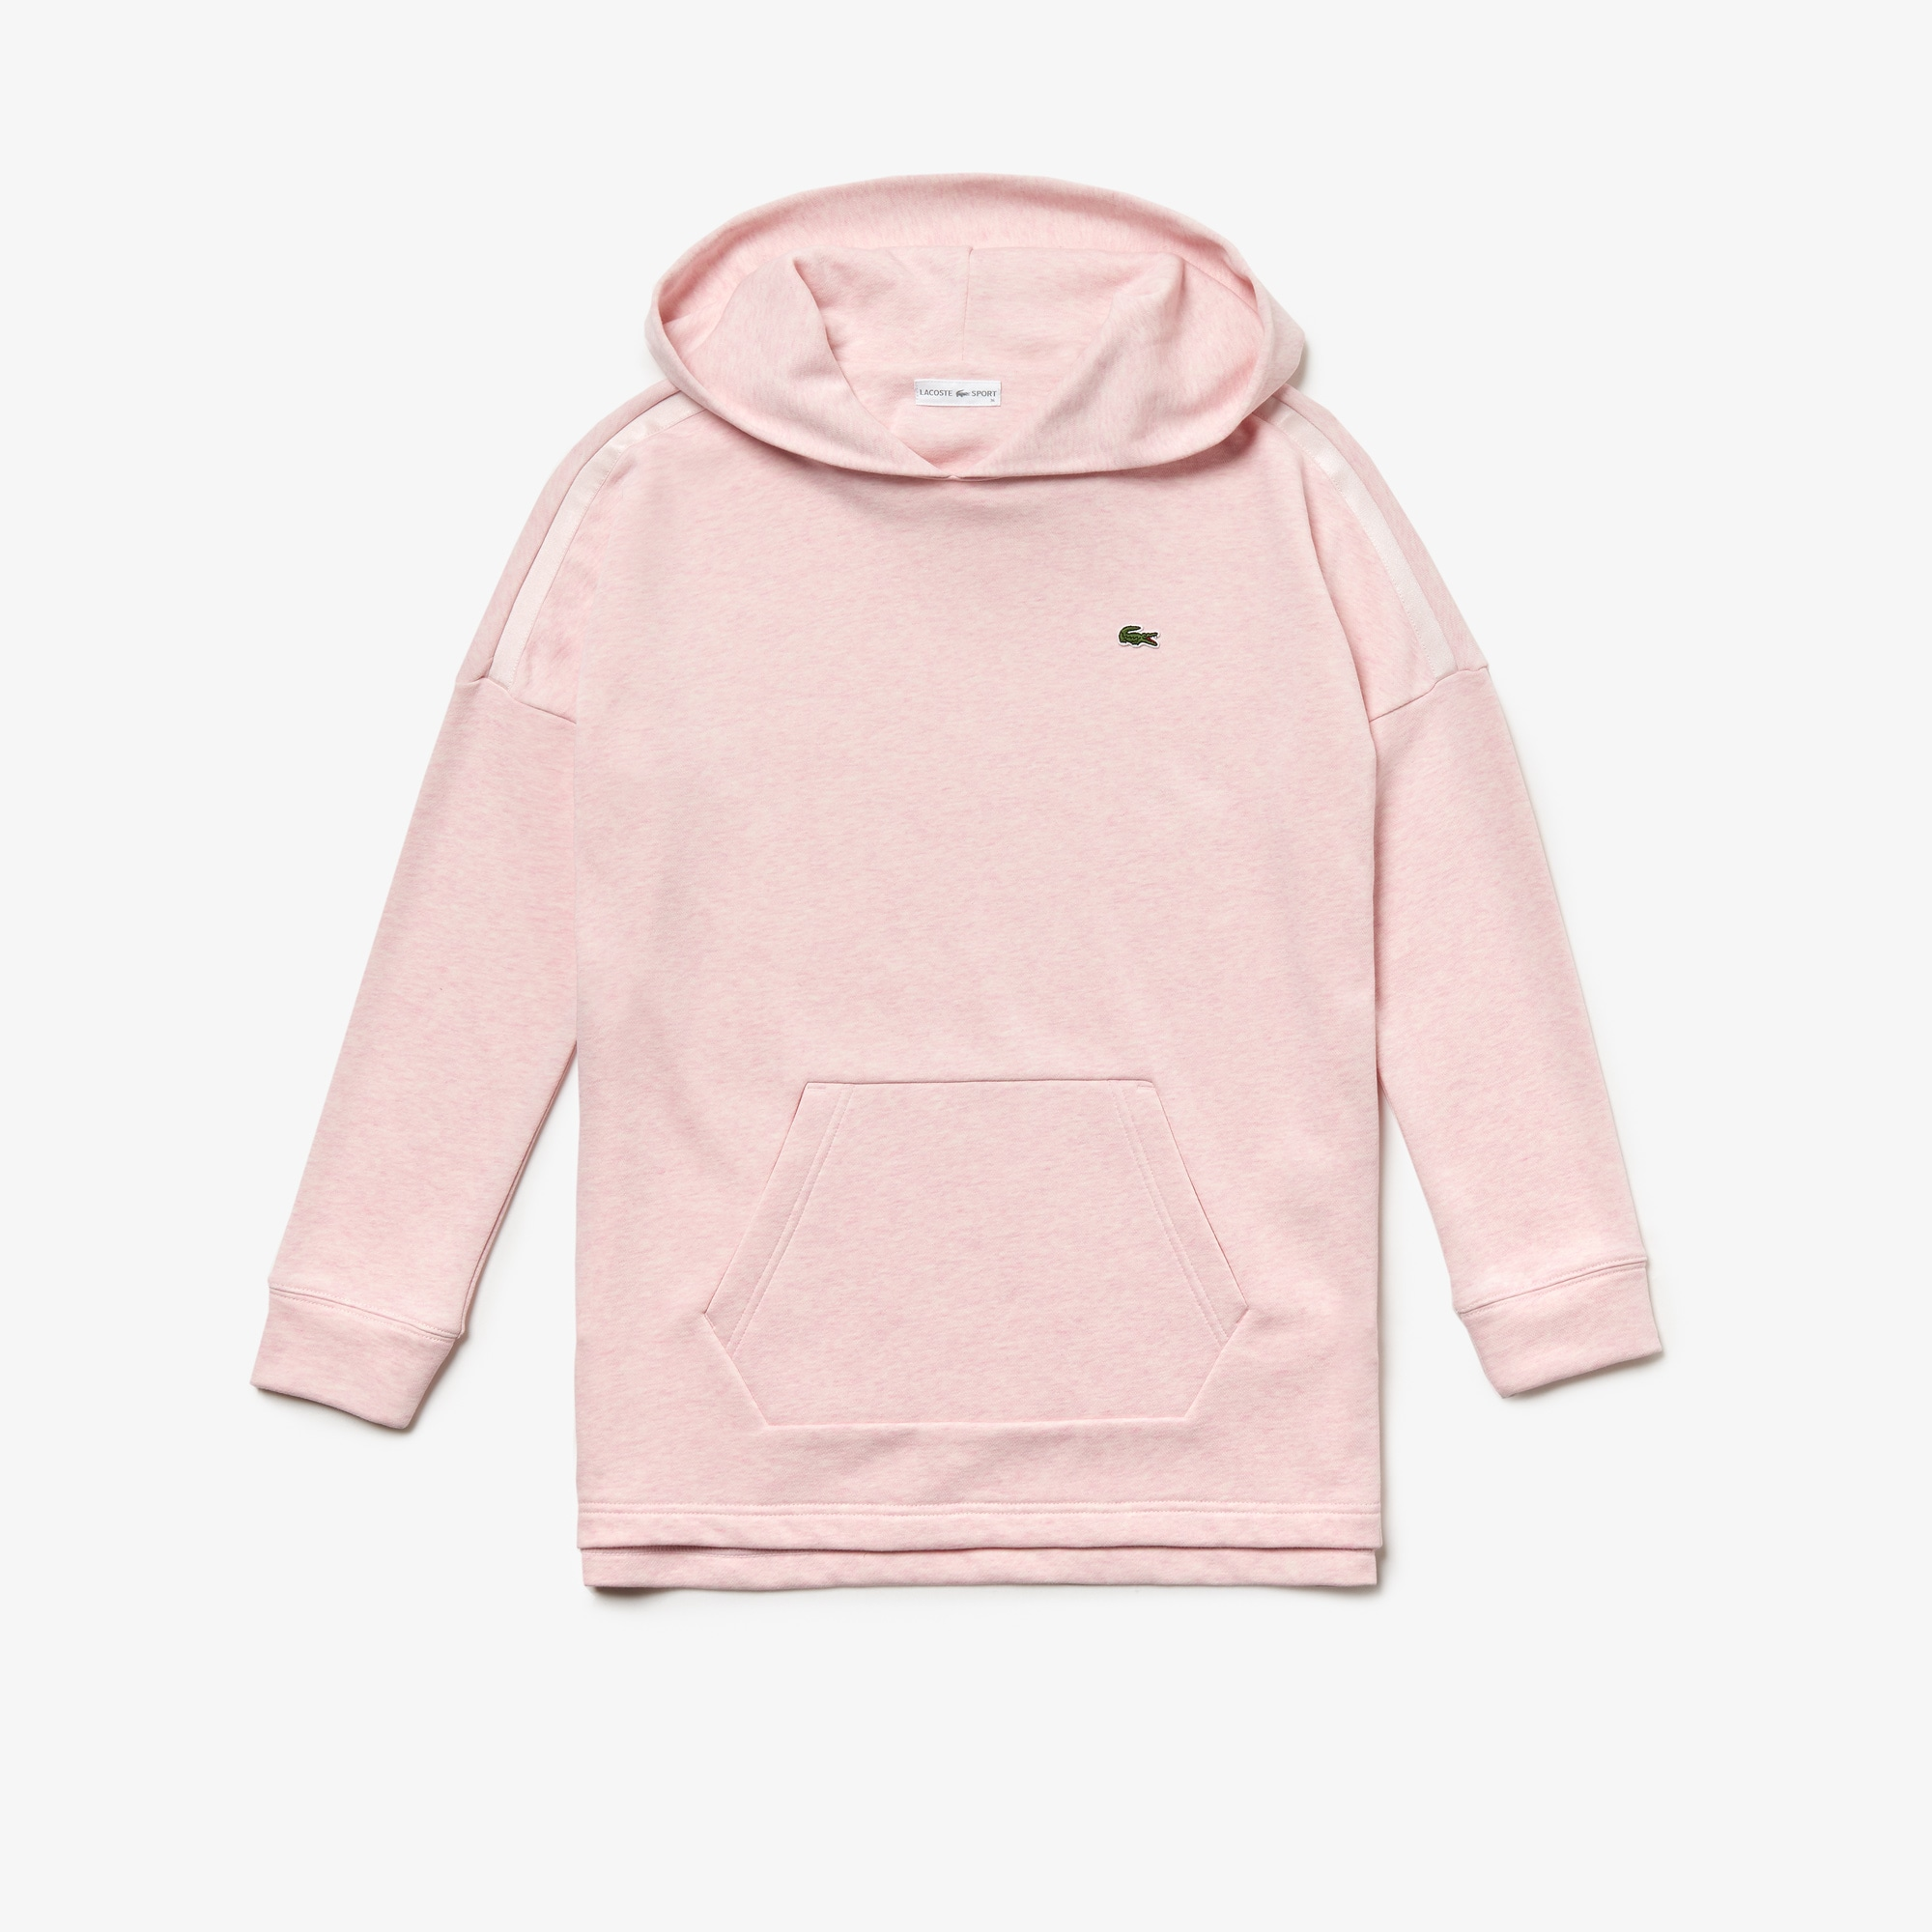 라코스테 후드 스웻셔츠 Lacoste Womens SPORT Hooded Fleece Tennis Sweatshirt,pink / pink